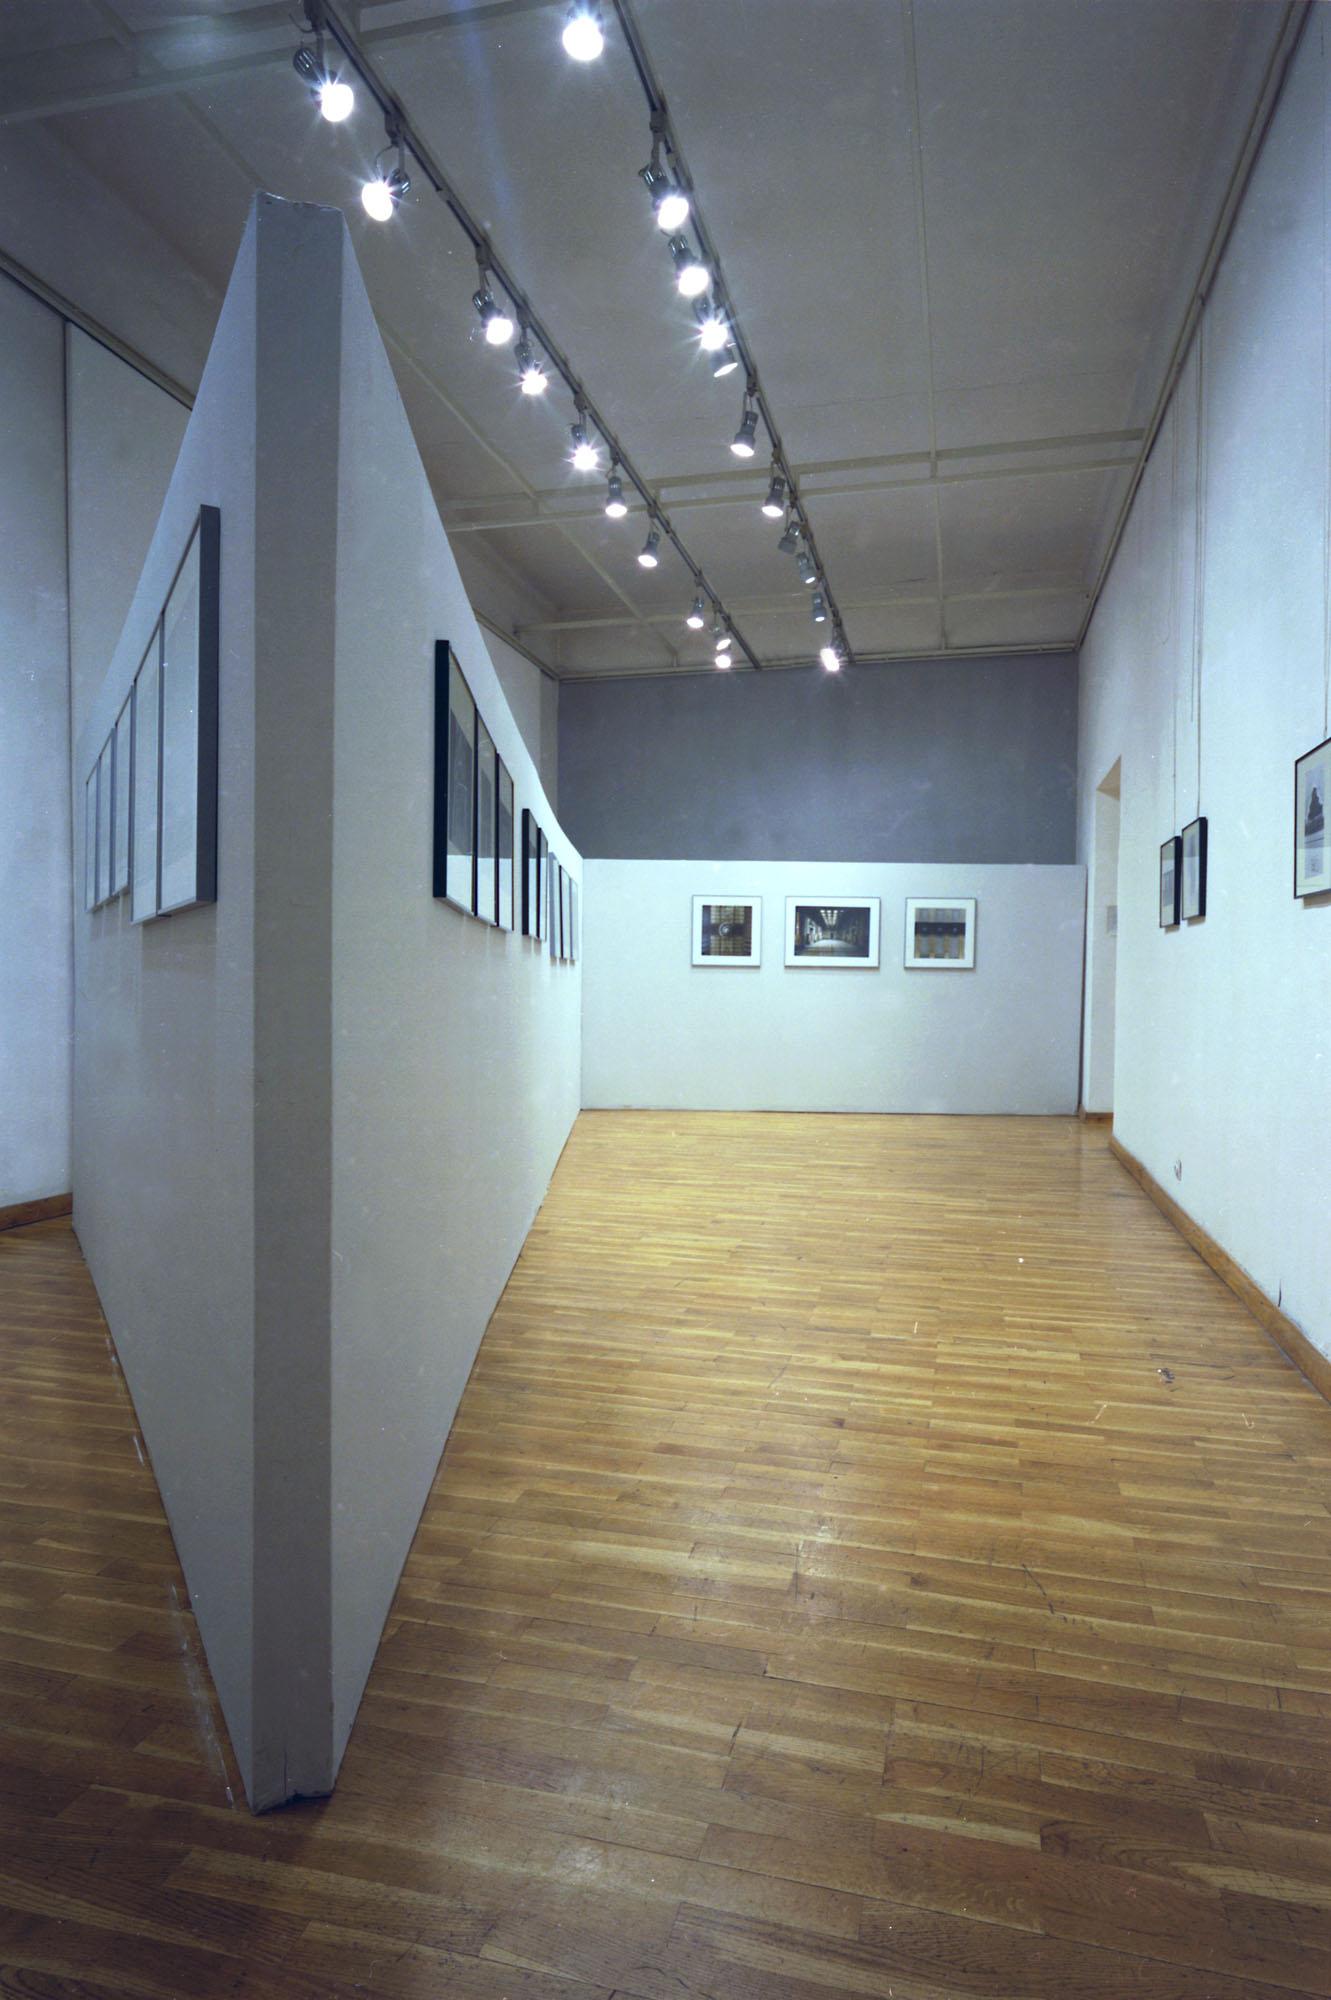 The <em>Photographs</em> exhibition